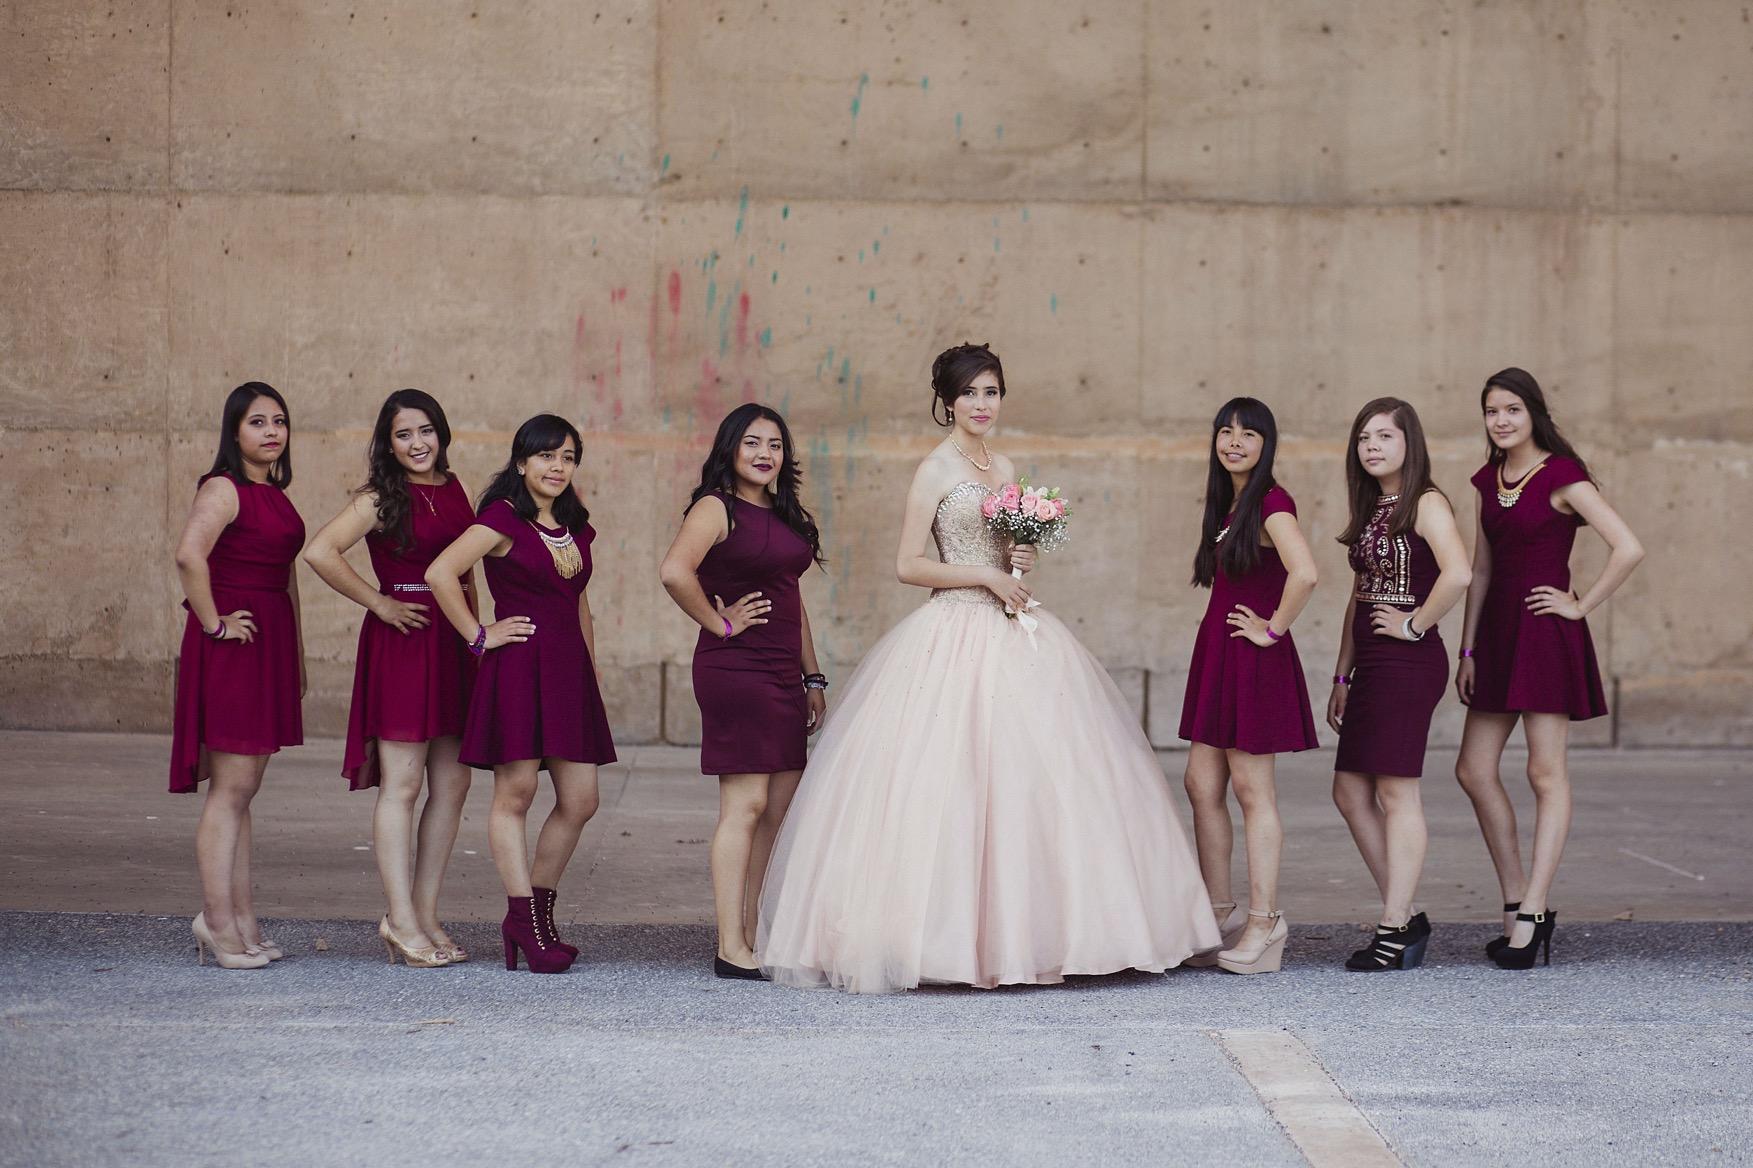 fotografos_profesionales_zacatecas_bodas_xvaños-19